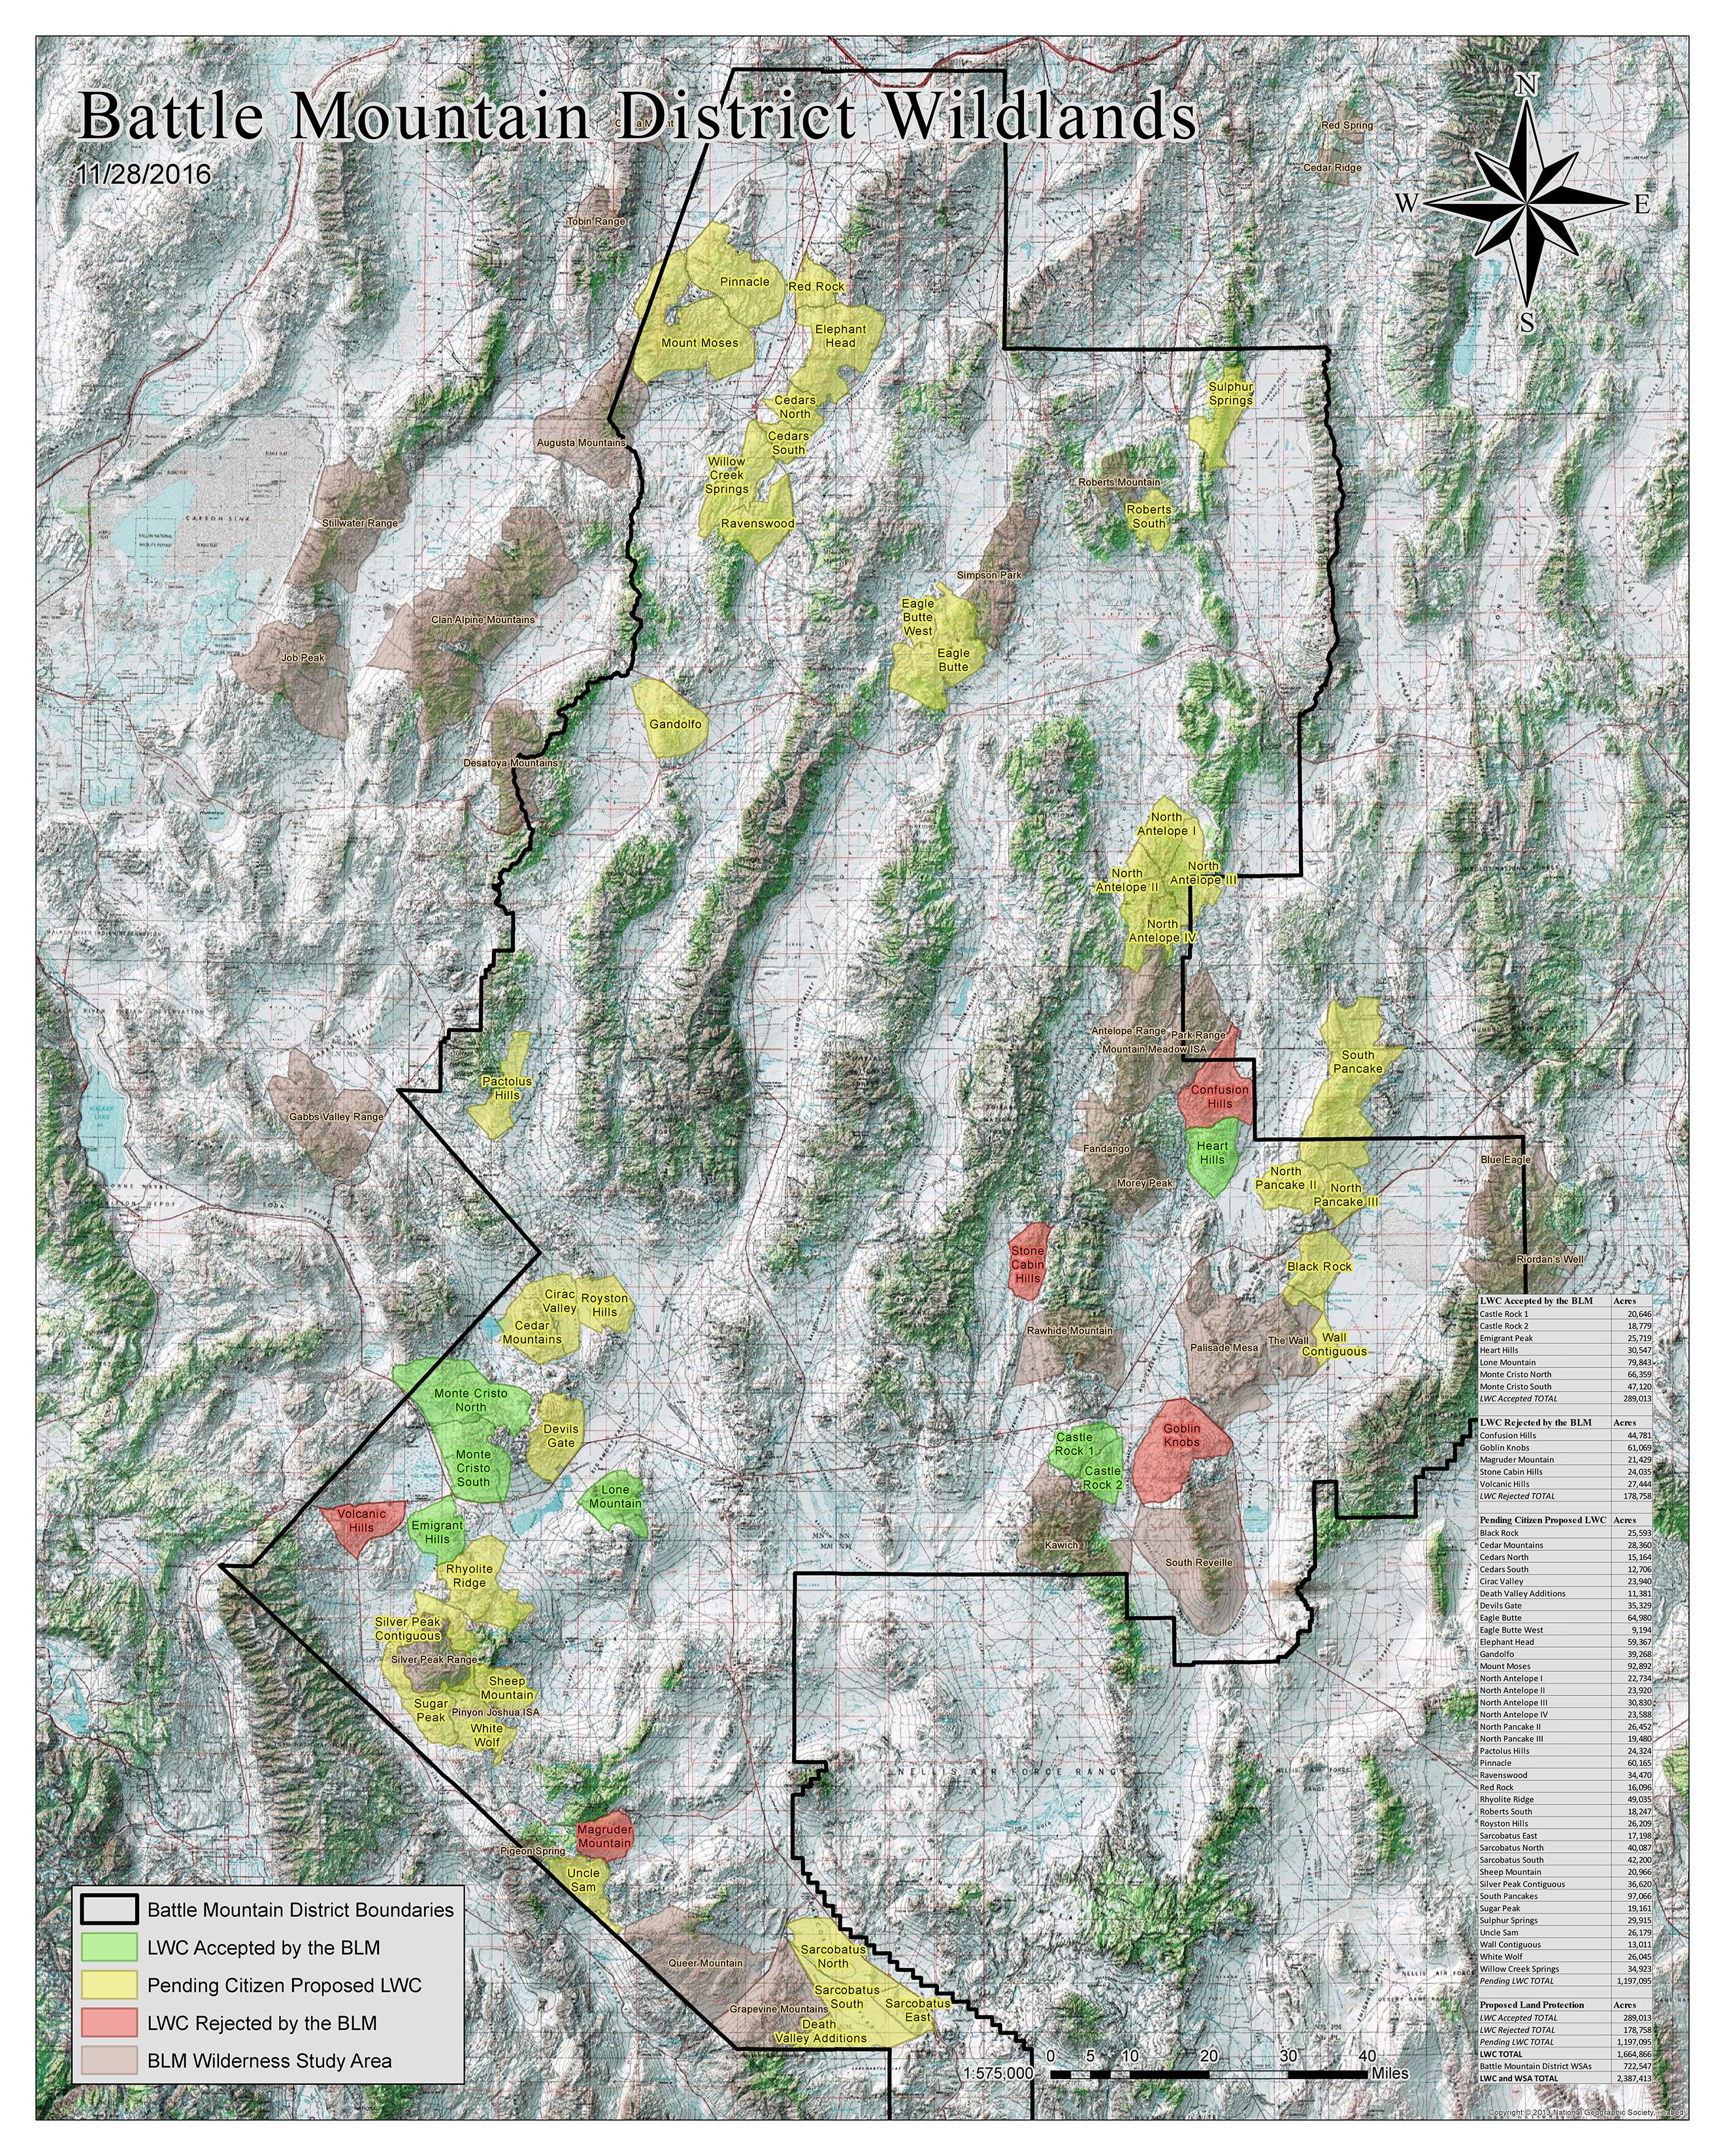 BMD_Wildlands_Map_02.jpg